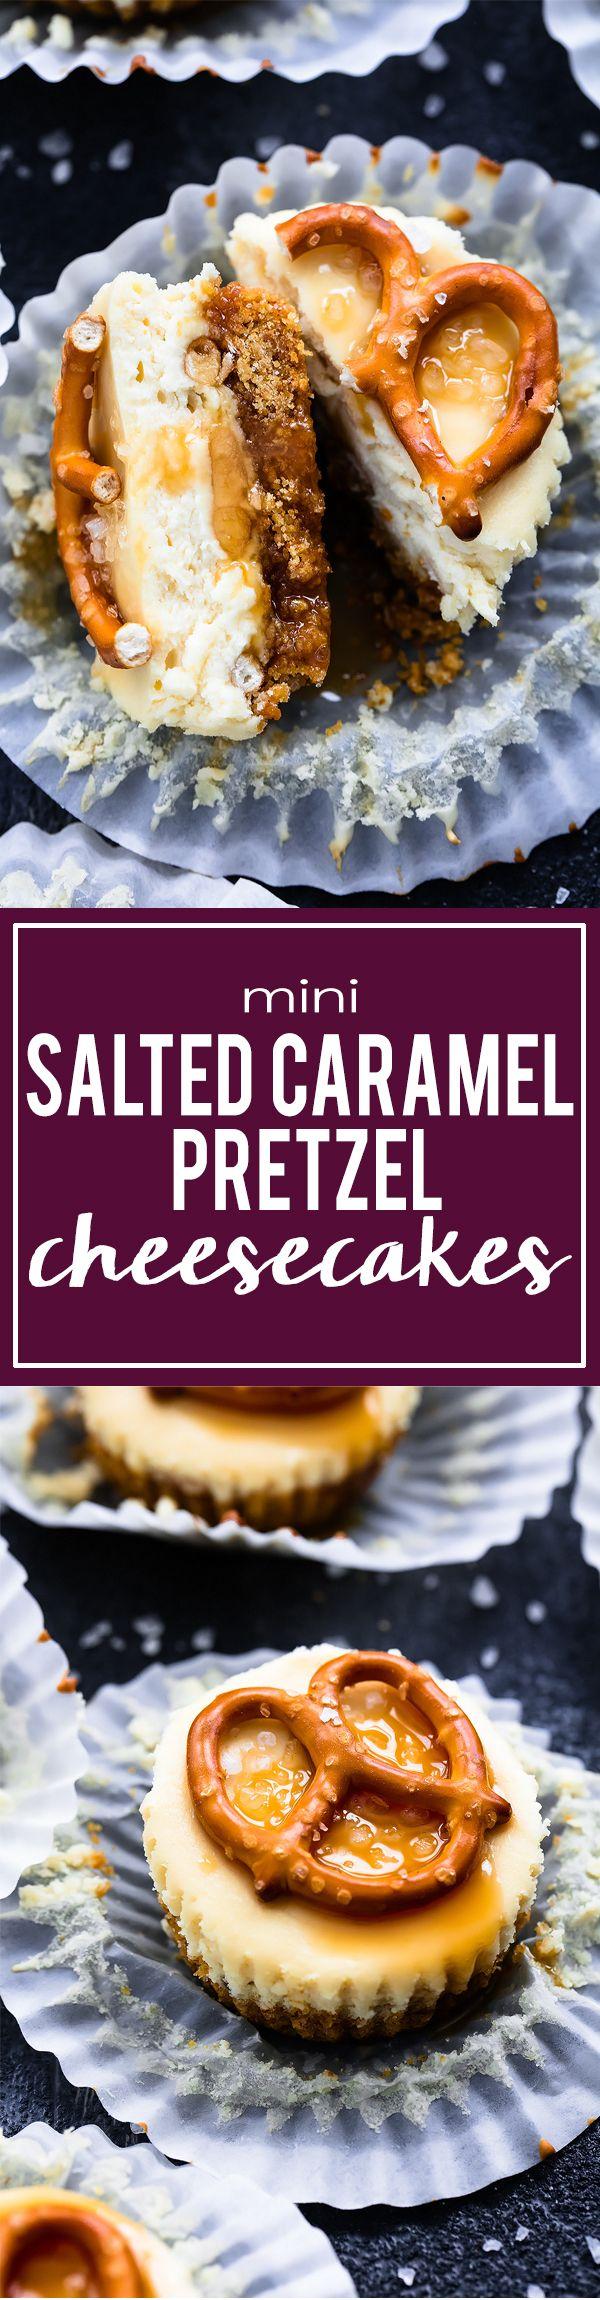 Mini Salted Caramel Pretzel Cheesecakes | Creme de la Crumb